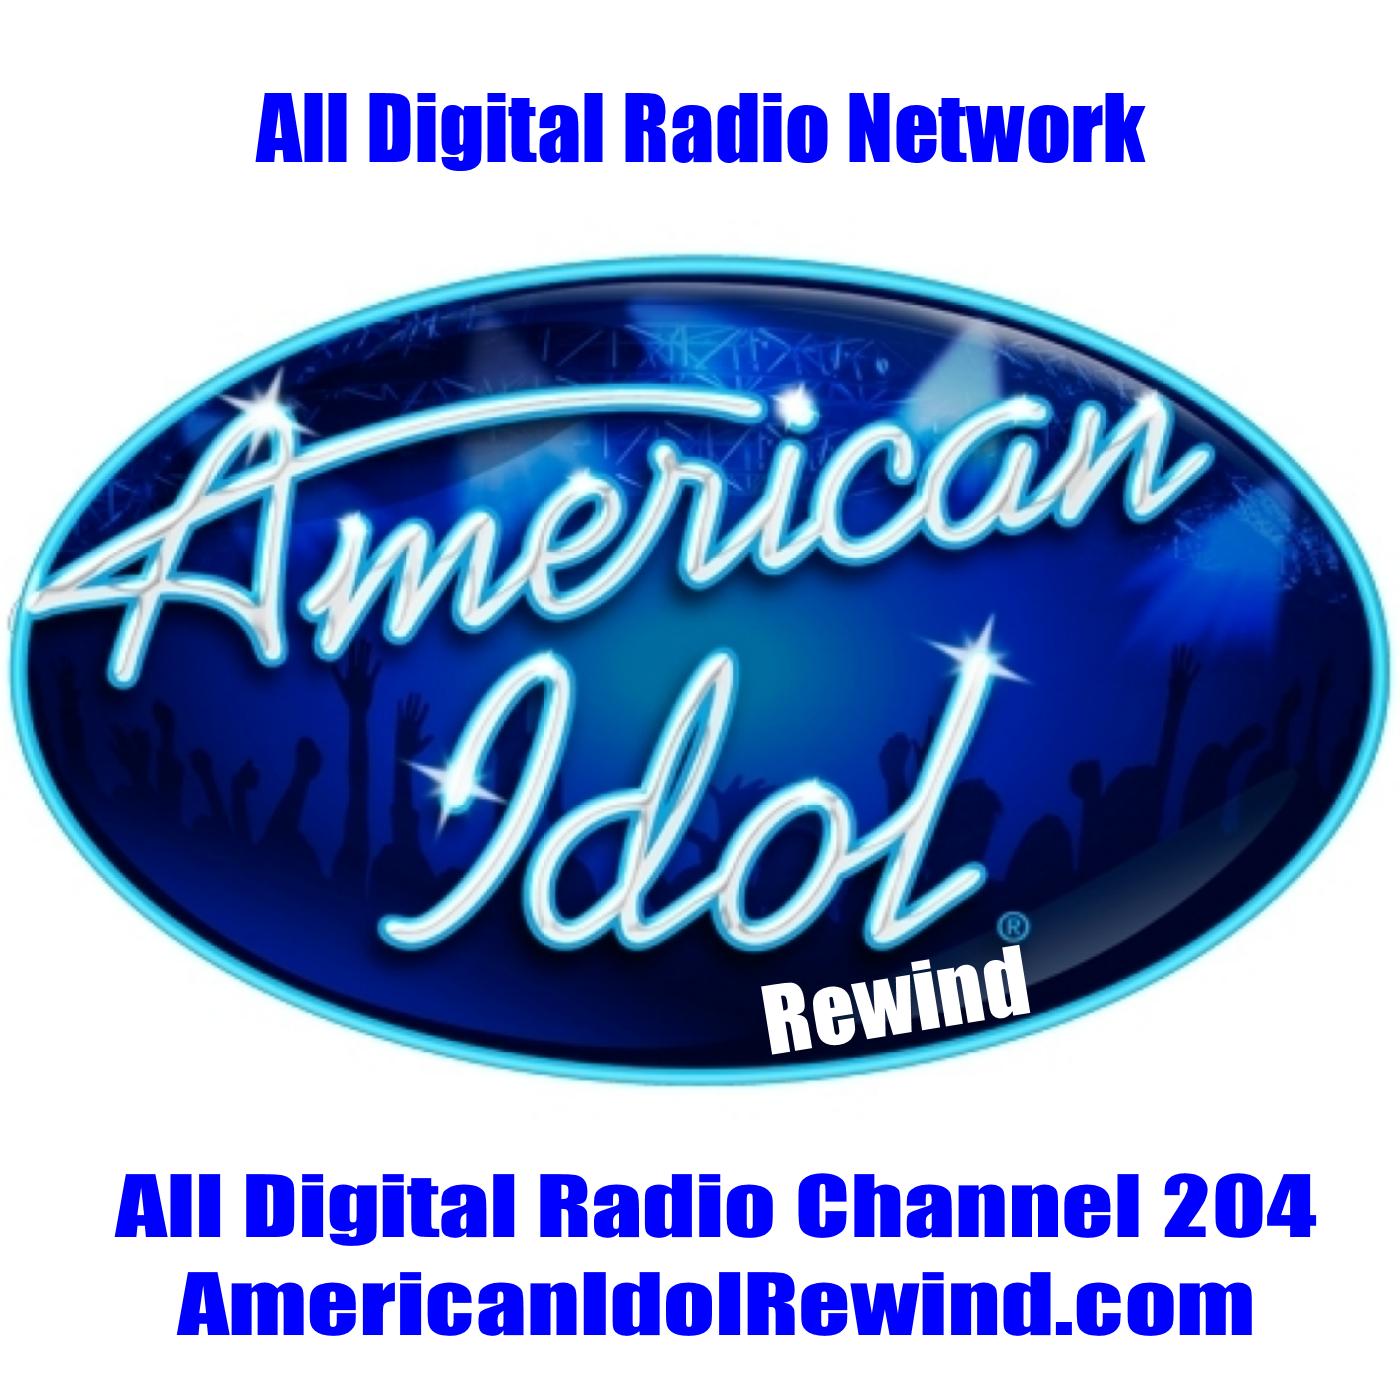 ADR 204 Idol Rewind